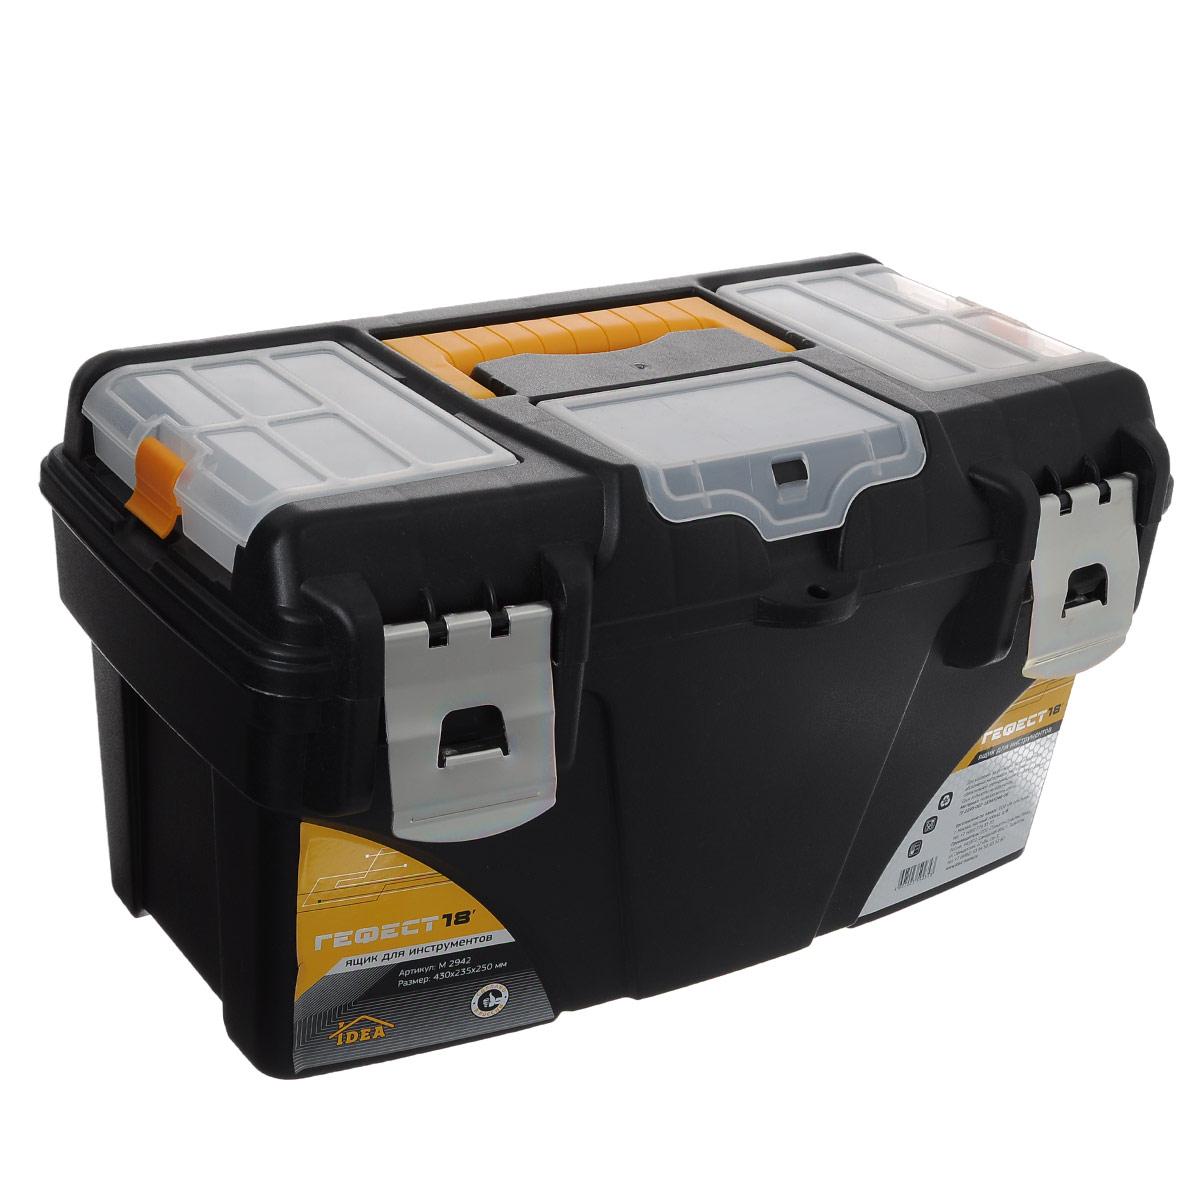 Ящик для инструментов Idea Гефест 18, со съемным органайзером, 43 х 23,5 х 25 см. М 2942М 2942Ящик Idea Гефест 18 изготовлен из прочного пластика и предназначен для хранения и переноски инструментов. Вместительный, внутри имеет большое главное отделение. В комплект входит съемный лоток с ручкой для инструментов. Крышка оснащена двумя съемными органайзерами и отделением для хранения бит. Ящик закрывается при помощи крепких стальных защелок, которые не допускают случайного открывания. Для более комфортного переноса в руках, на крышке ящика предусмотрена удобная ручка.